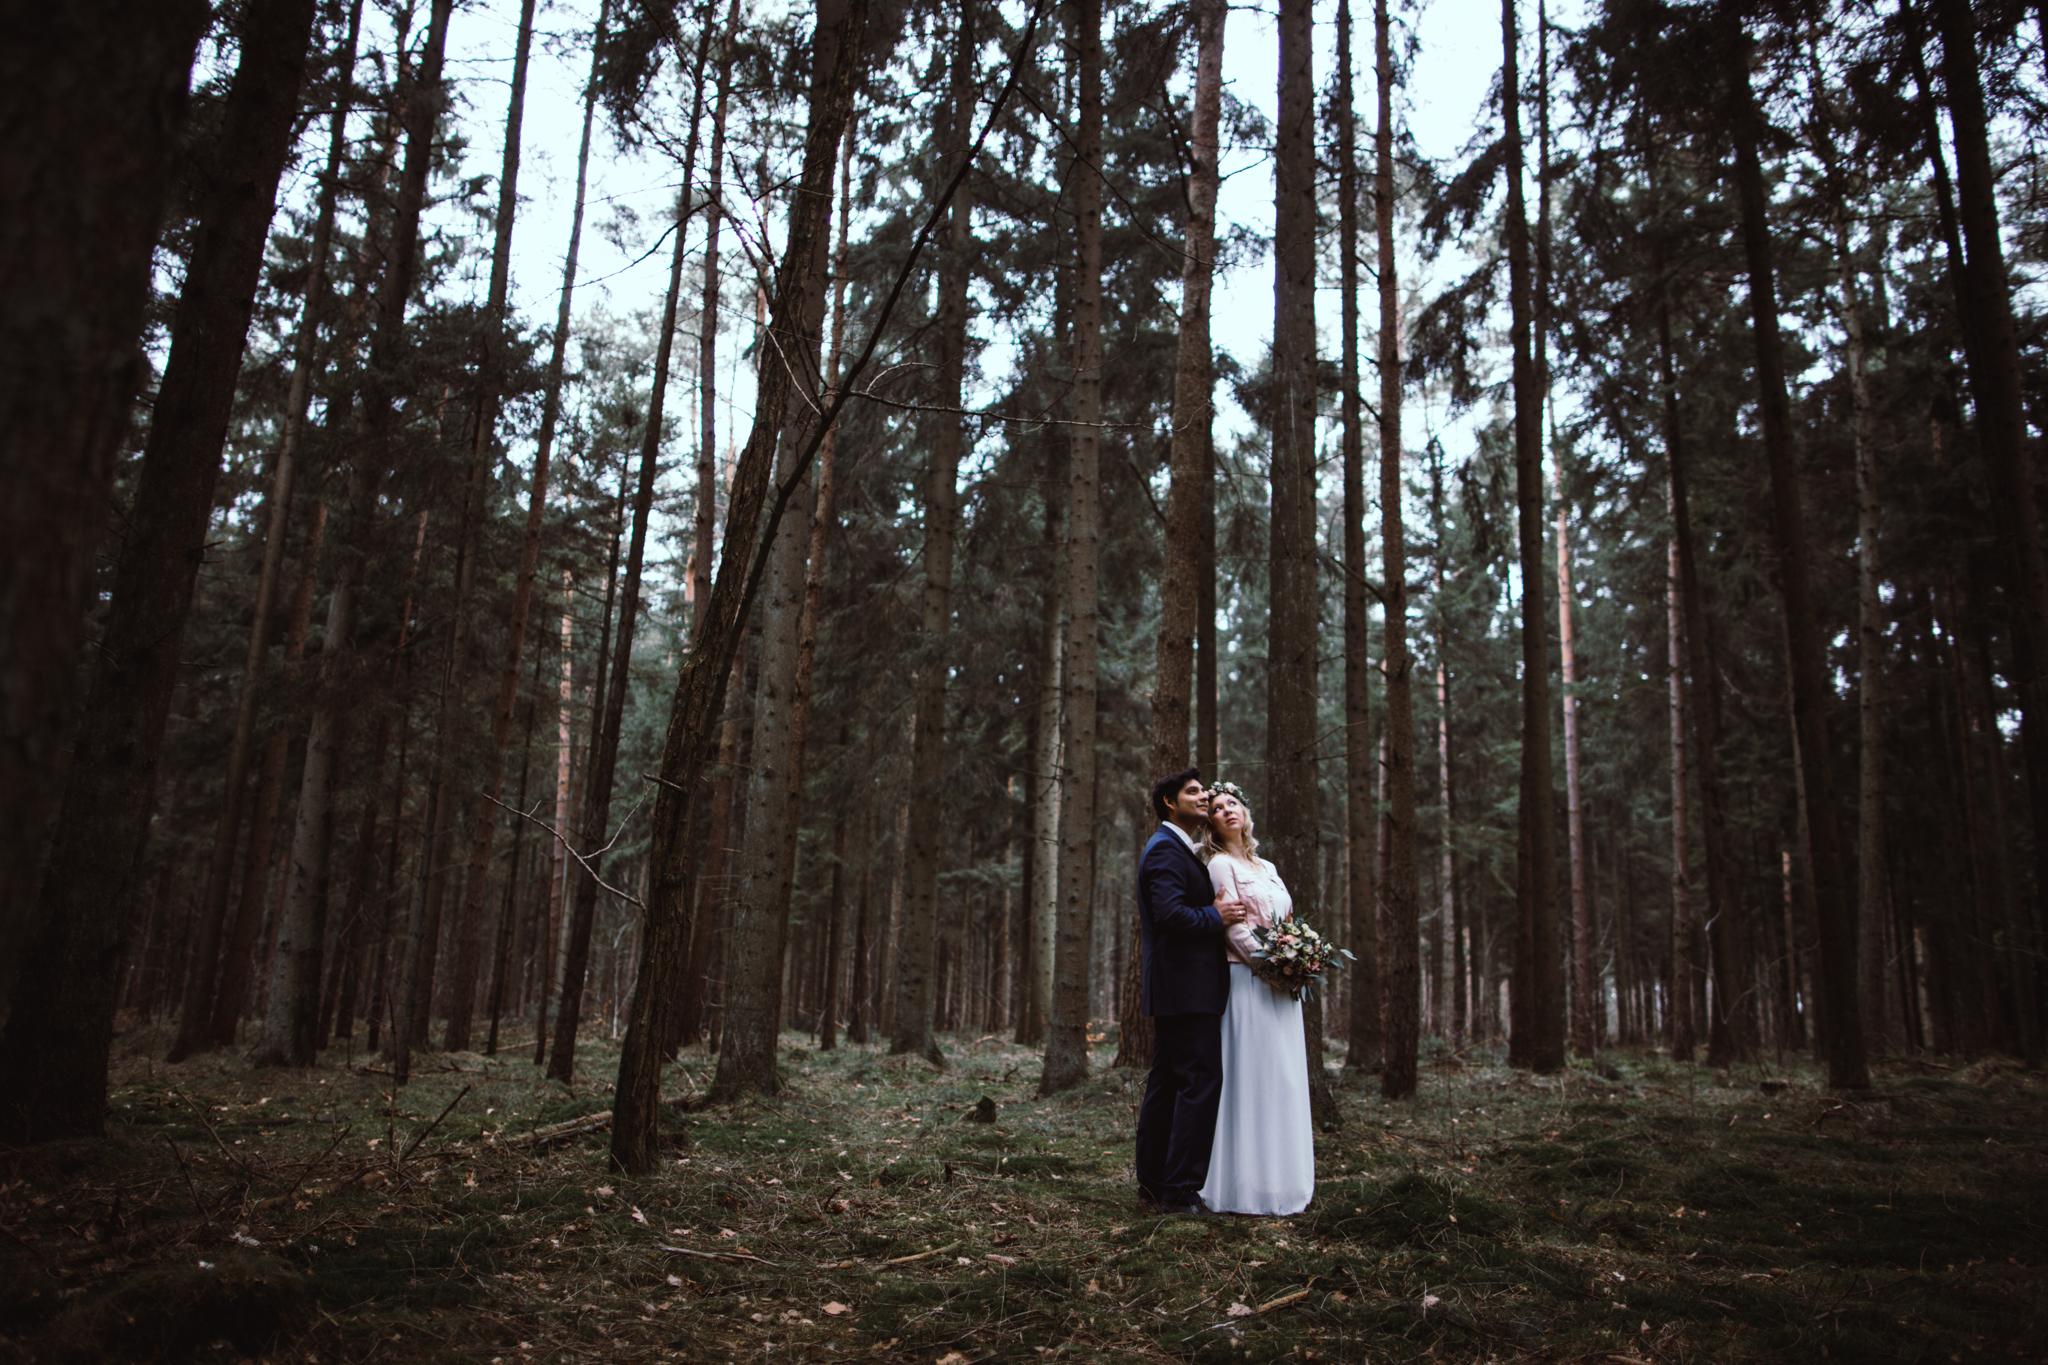 Brautpaar zwischen Bäumen im Wald